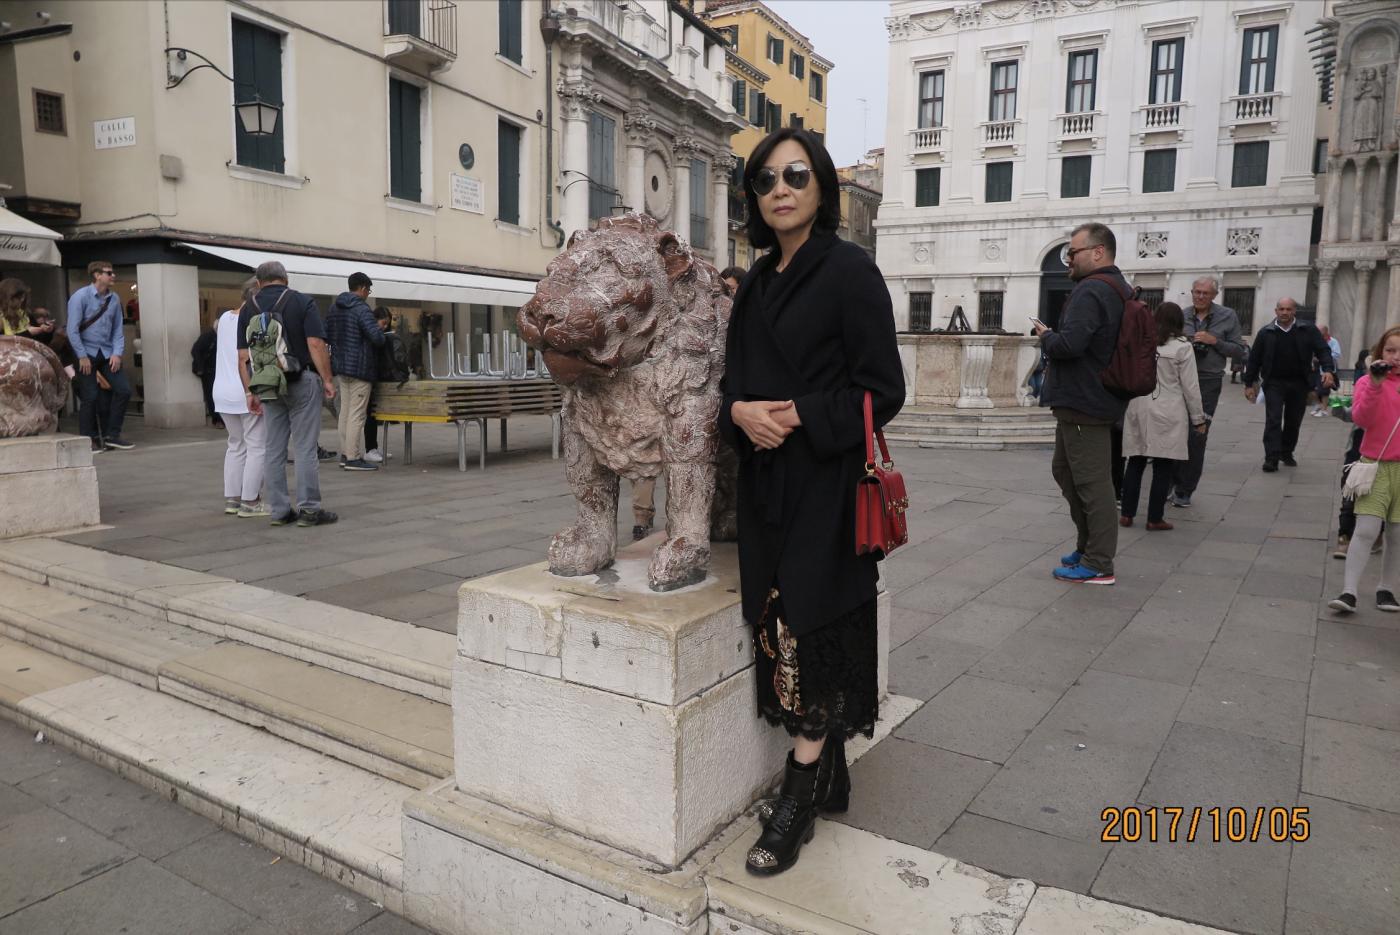 水乡威尼斯:无限的魅力永久的回忆_图1-42